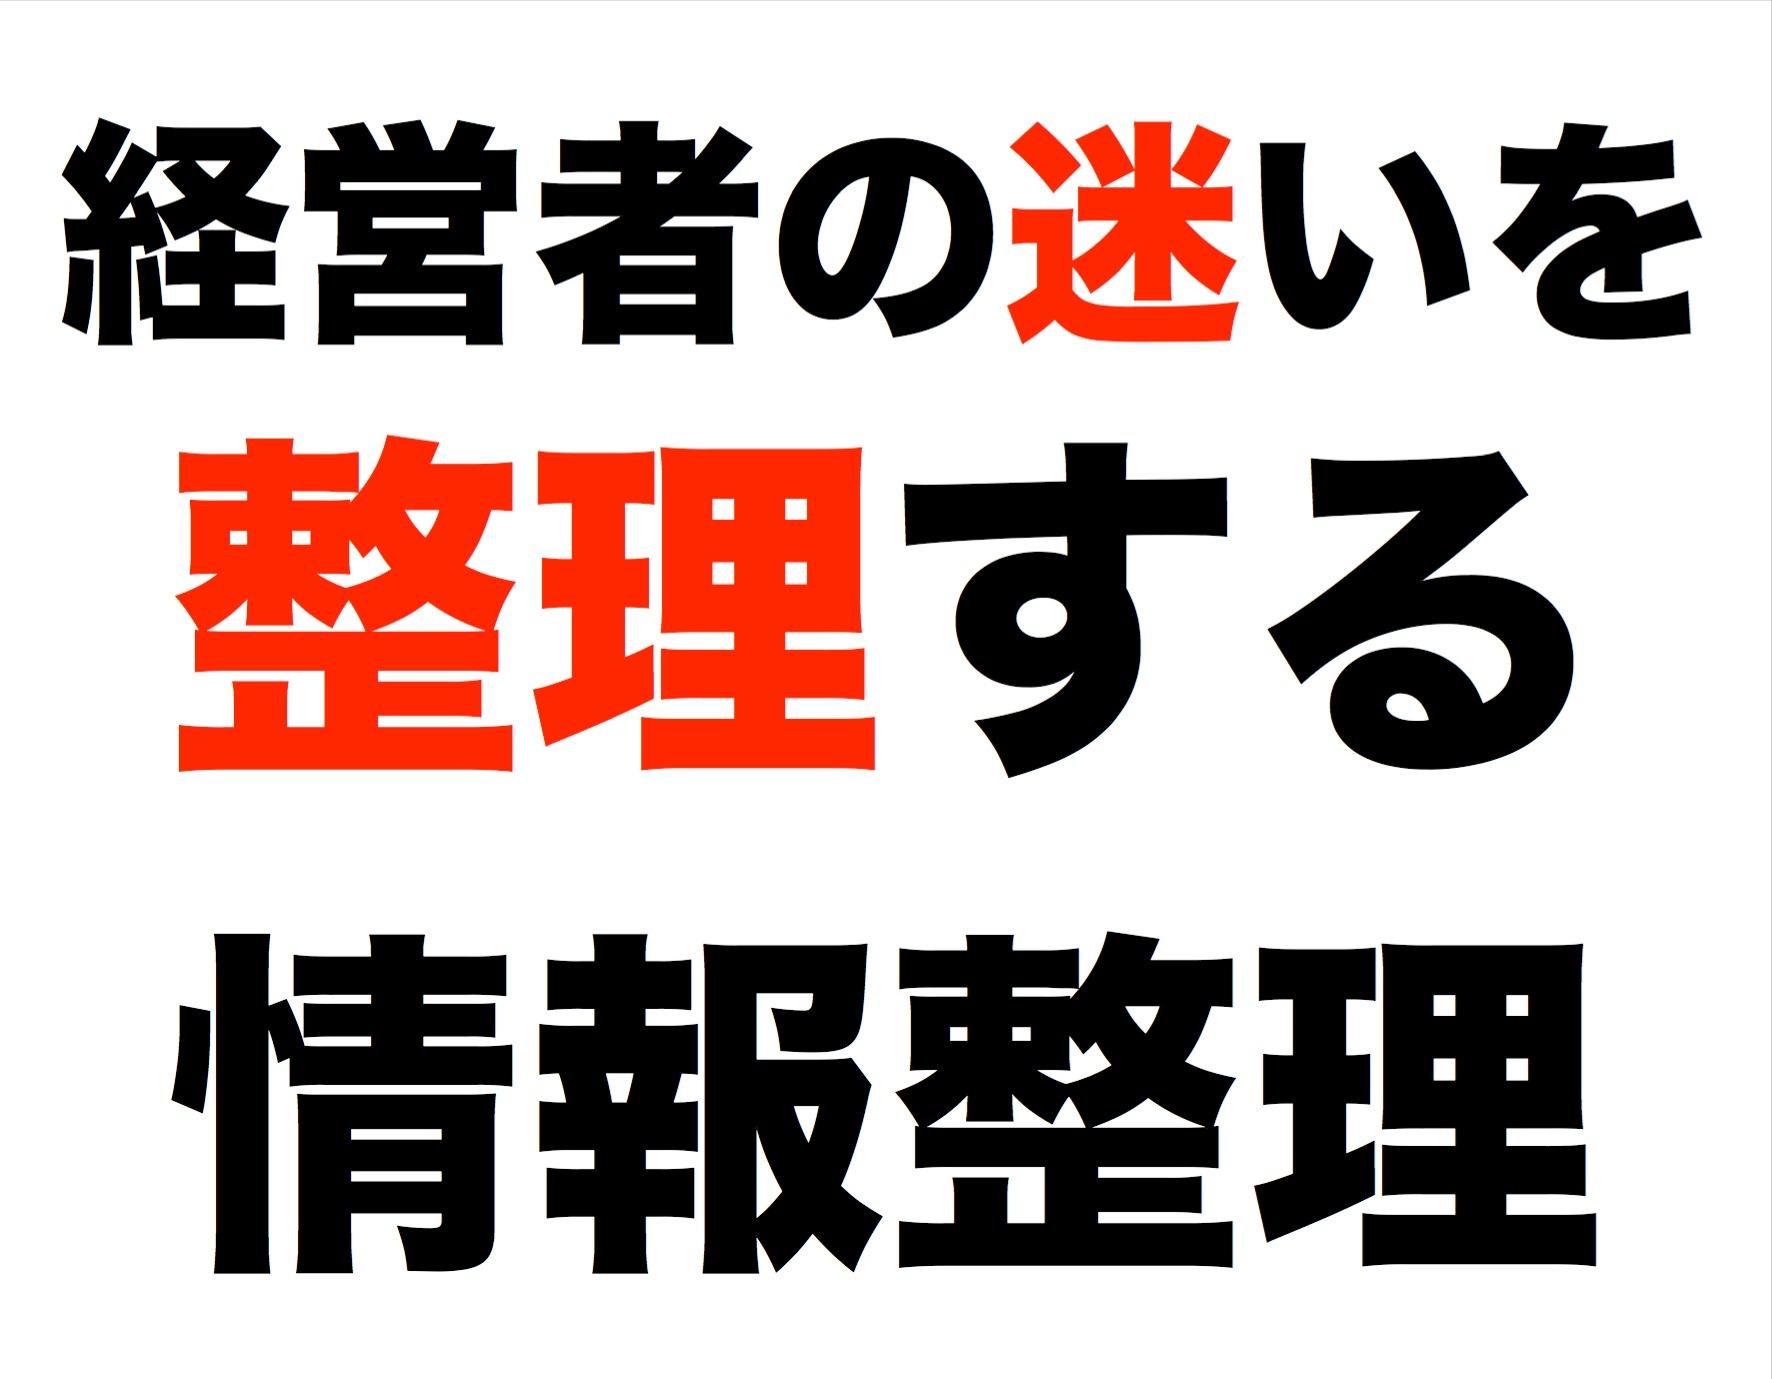 2014年6月ビジネスサークル『 整理する 』~ 迷わない技術 ~